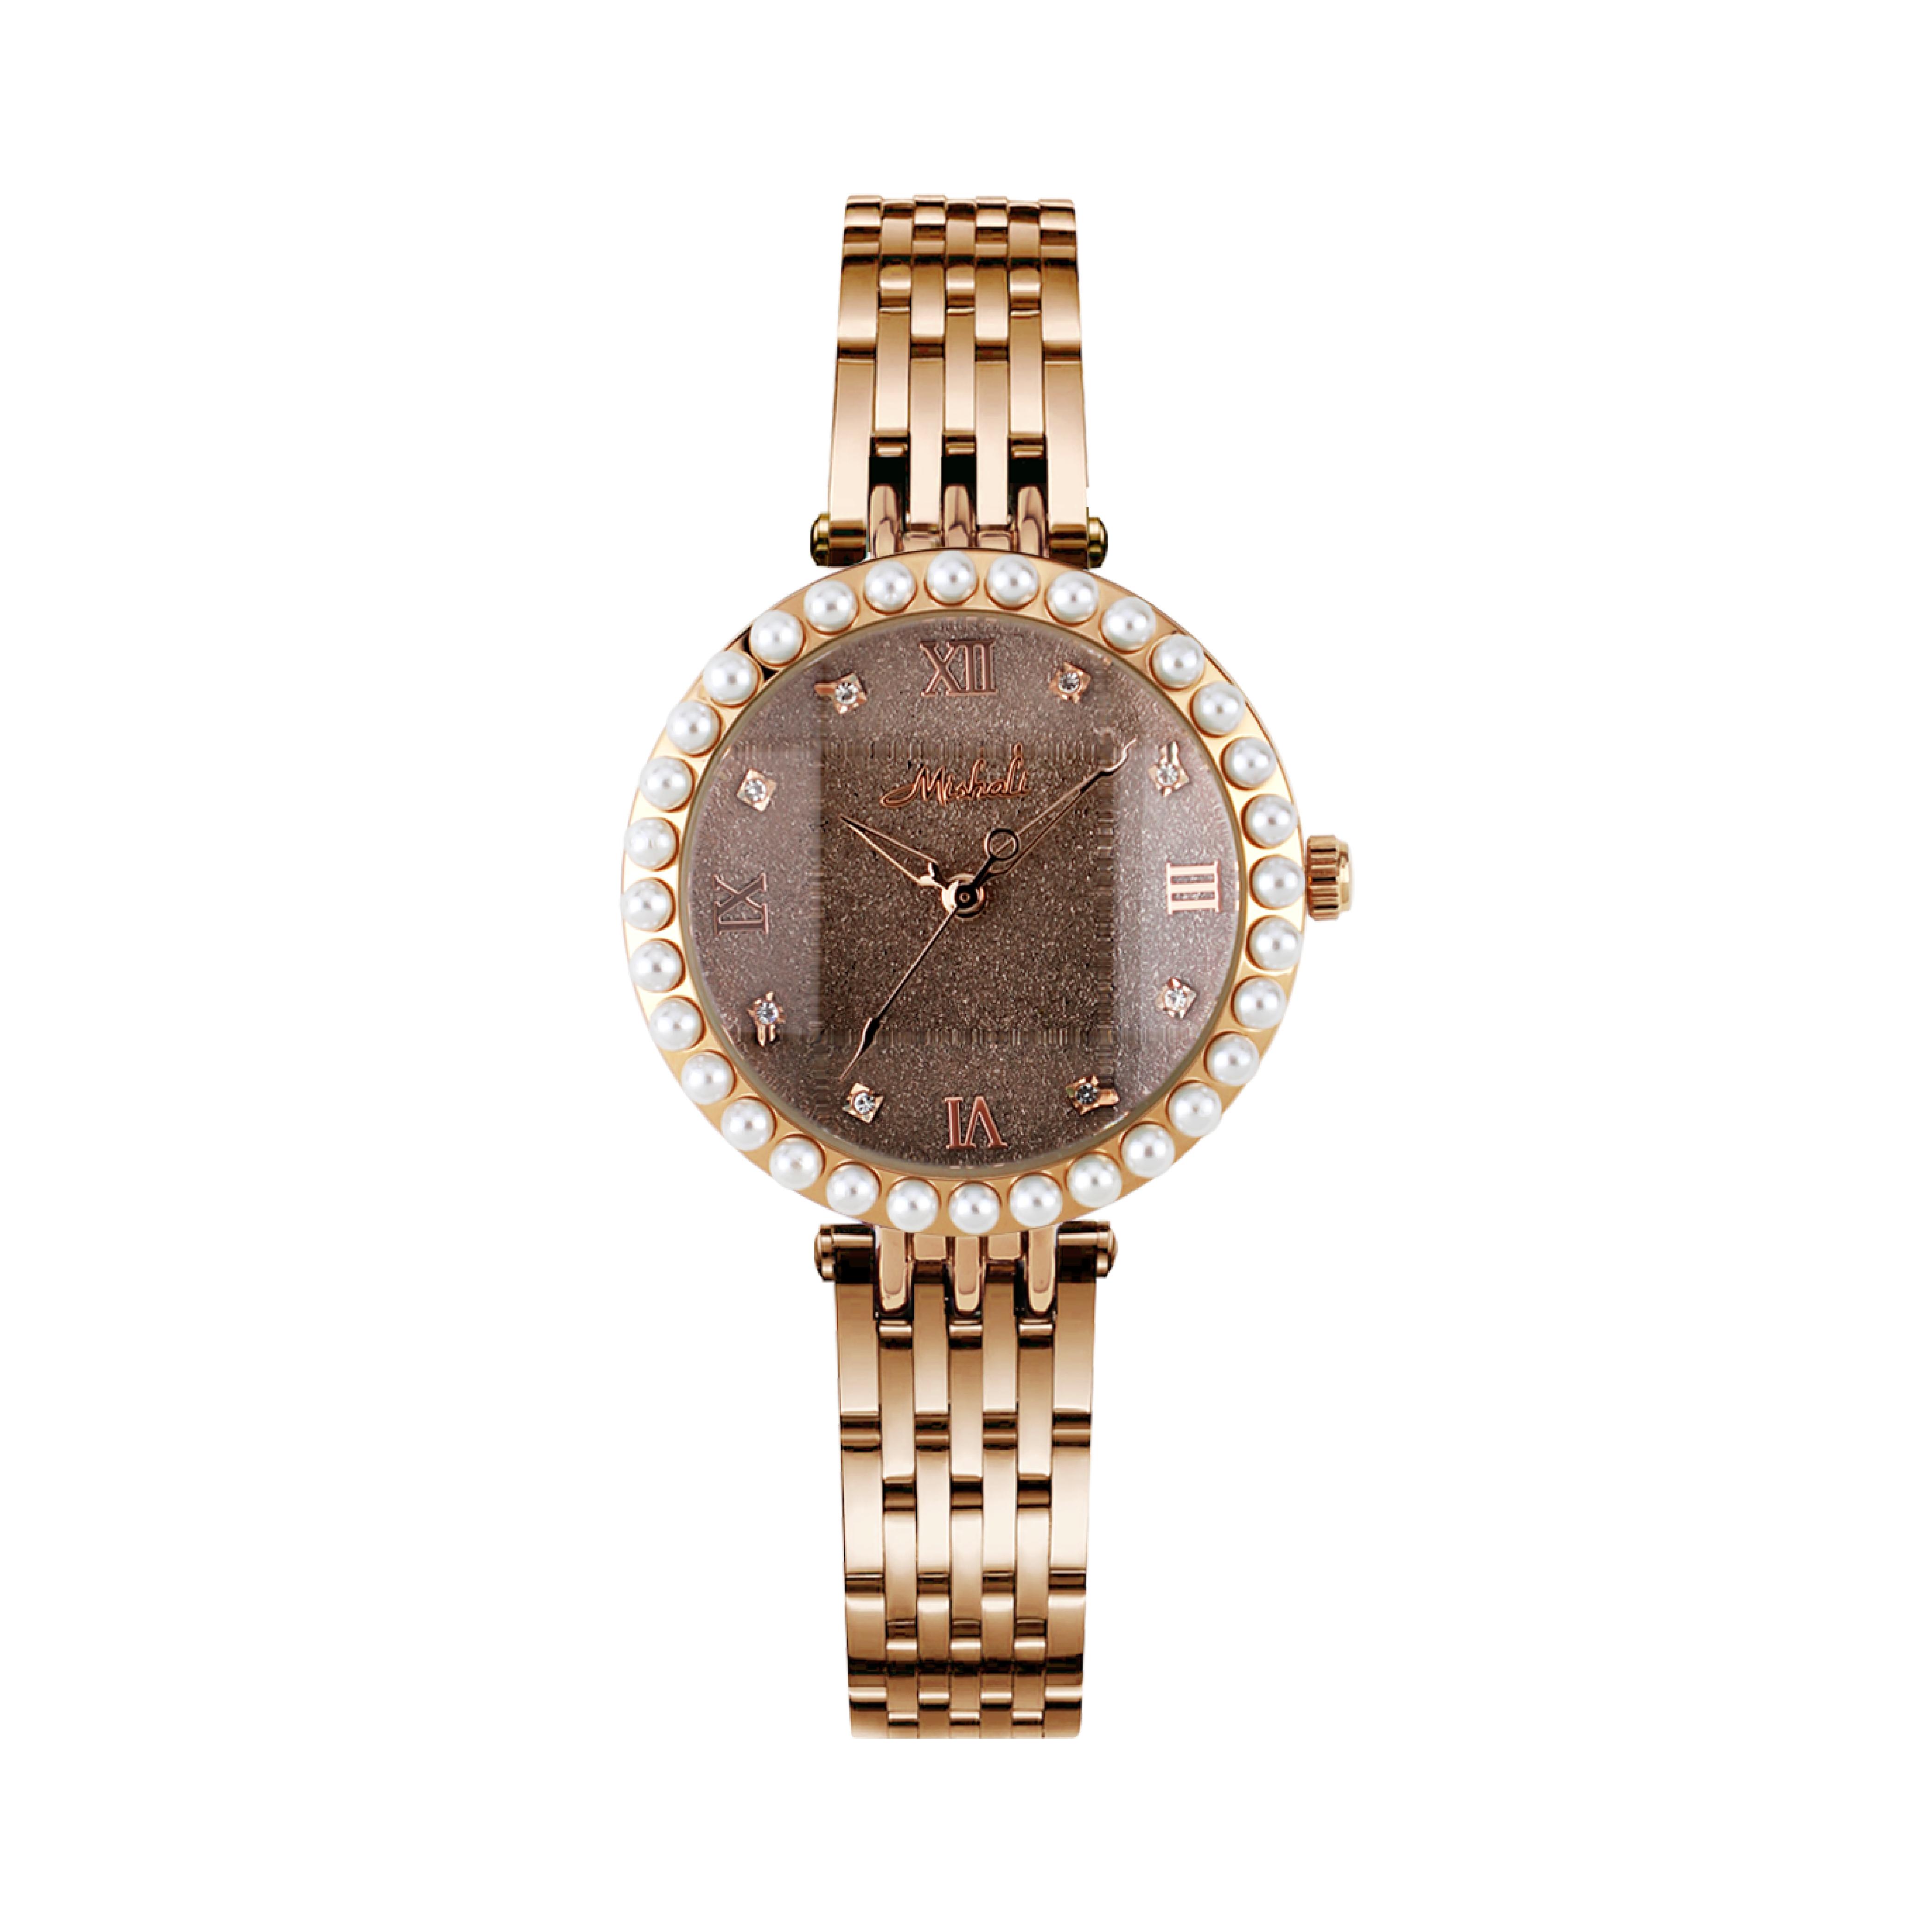 นาฬิกาข้อมือผู้หญิง MISHALI M19016C